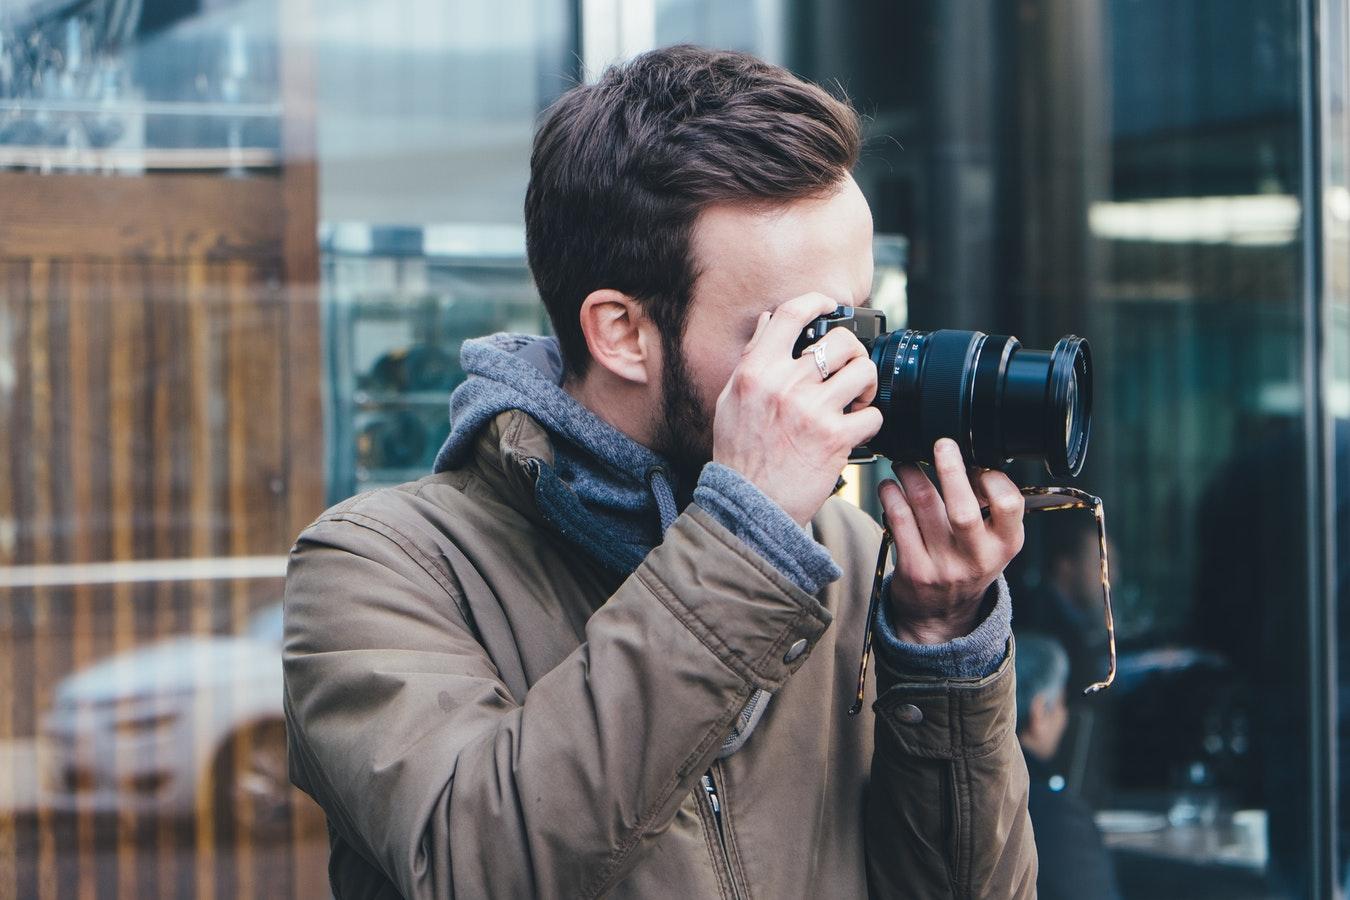 הכנה לקורס צילום למתחילים